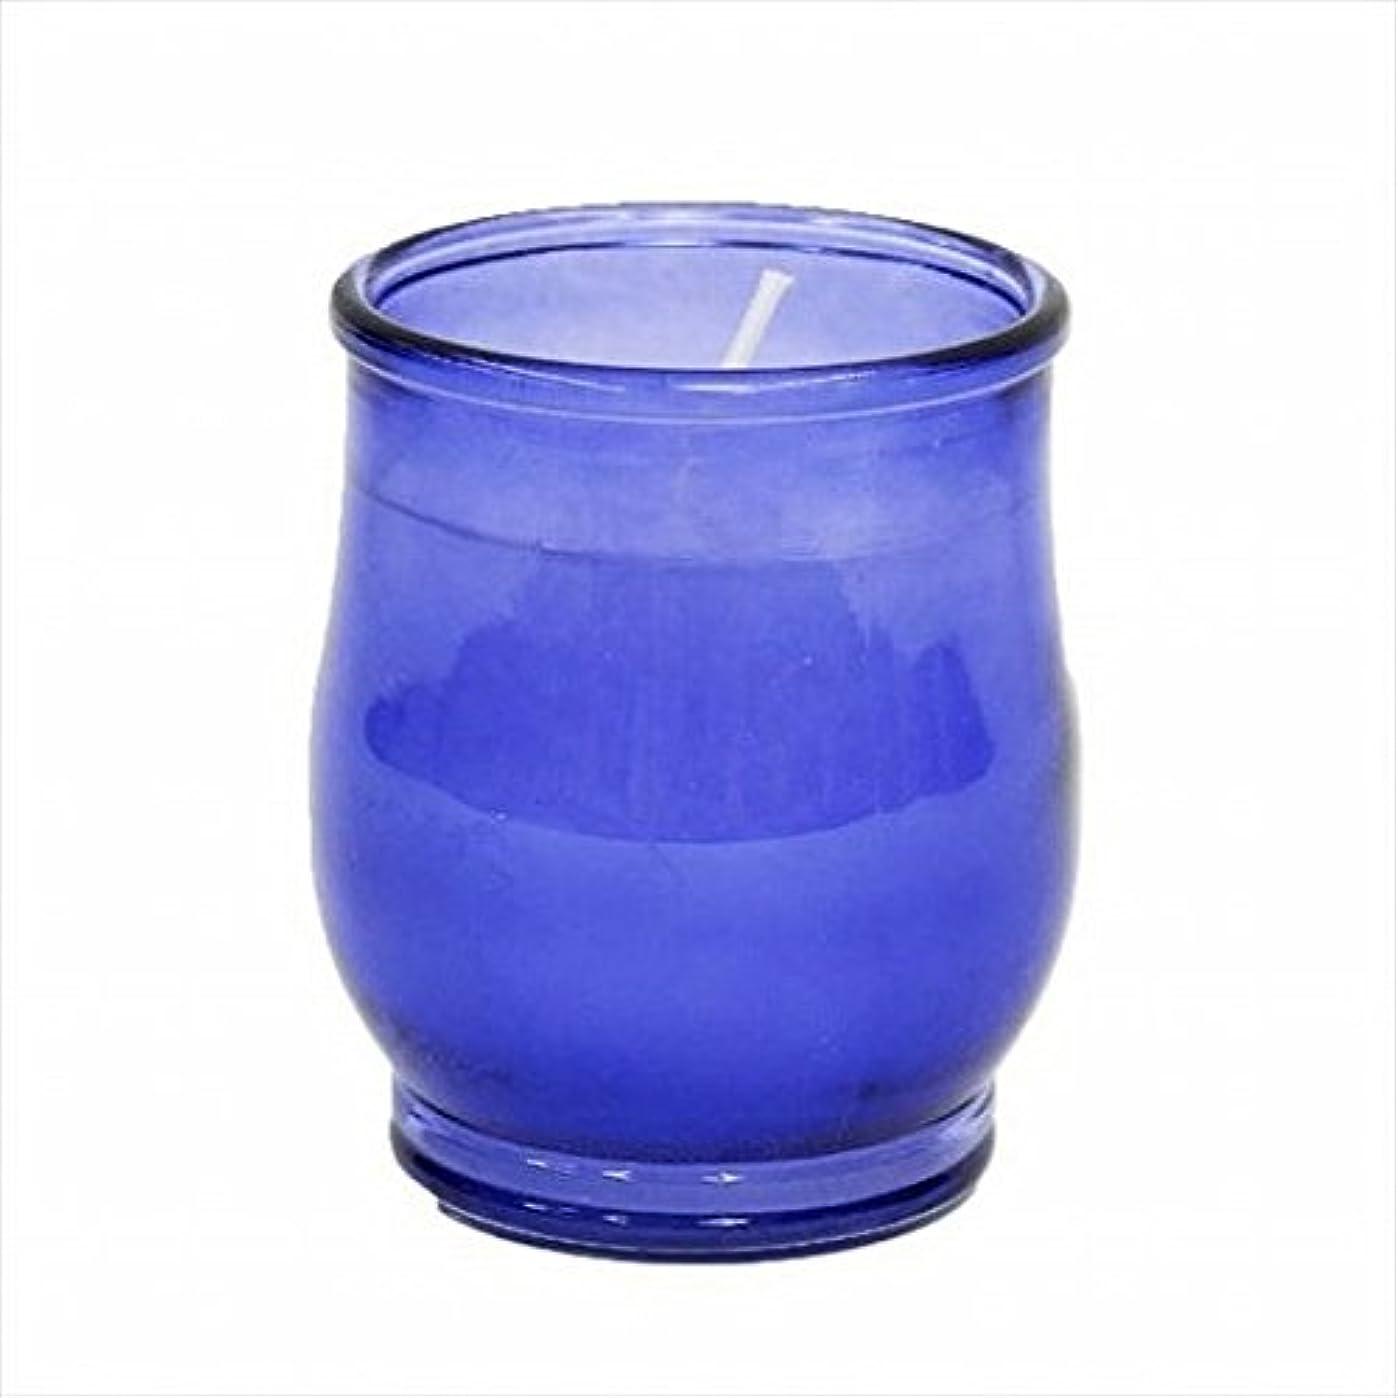 部屋を掃除する同時味方kameyama candle(カメヤマキャンドル) ポシェ(非常用コップローソク) 「 ブルー(ライトカラー) 」 キャンドル 68x68x80mm (73020030B)